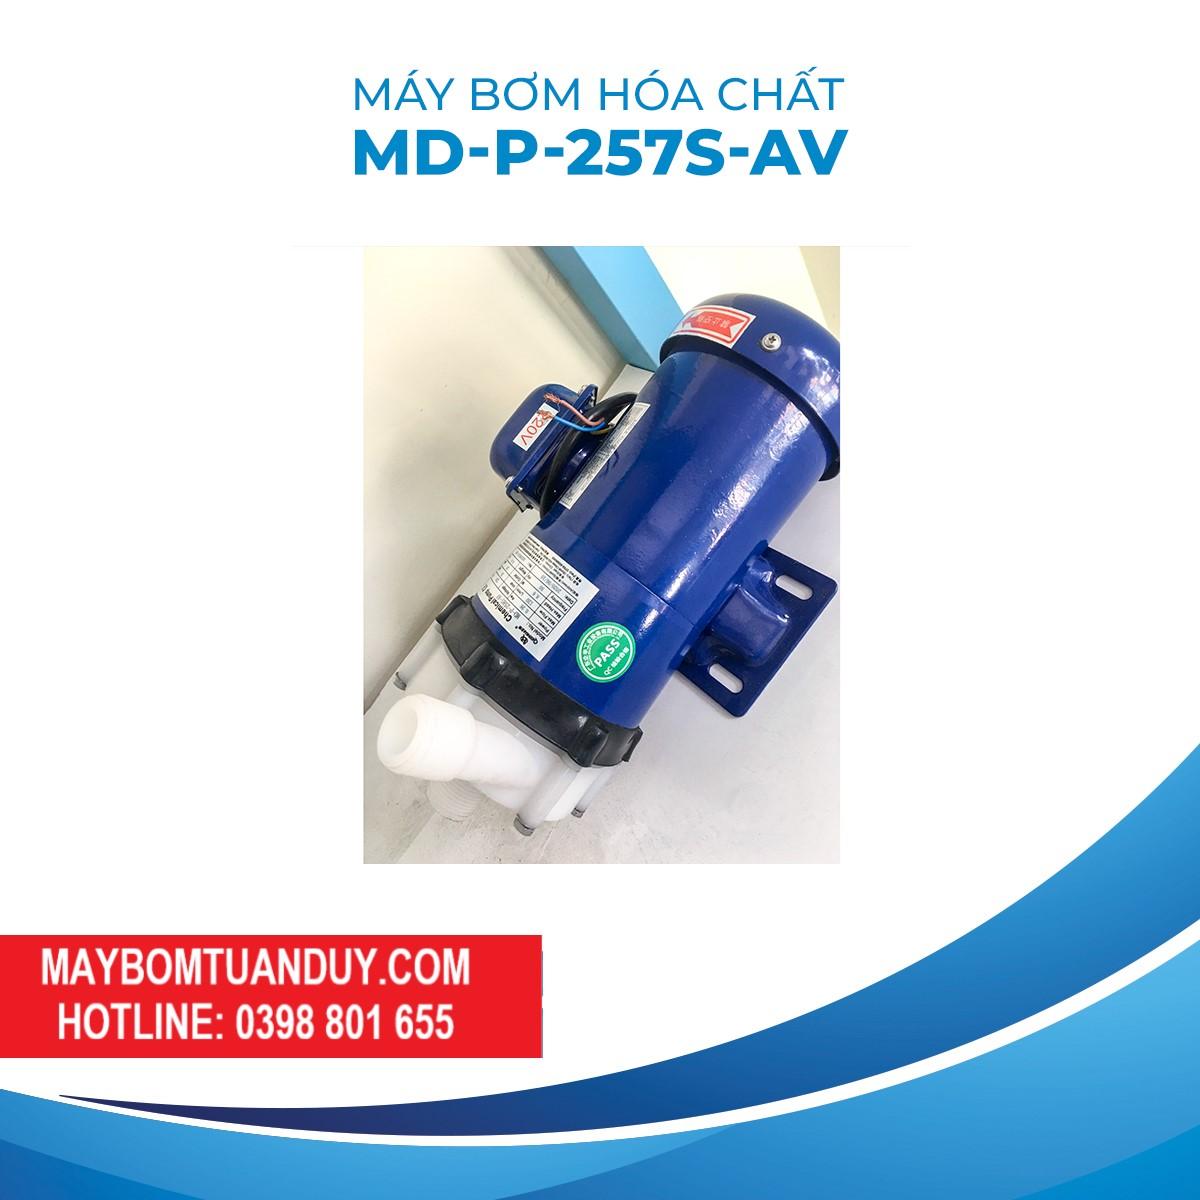 Máy Bơm Hóa ChấtMD-P-257S-AV 220V 180W 86L/P